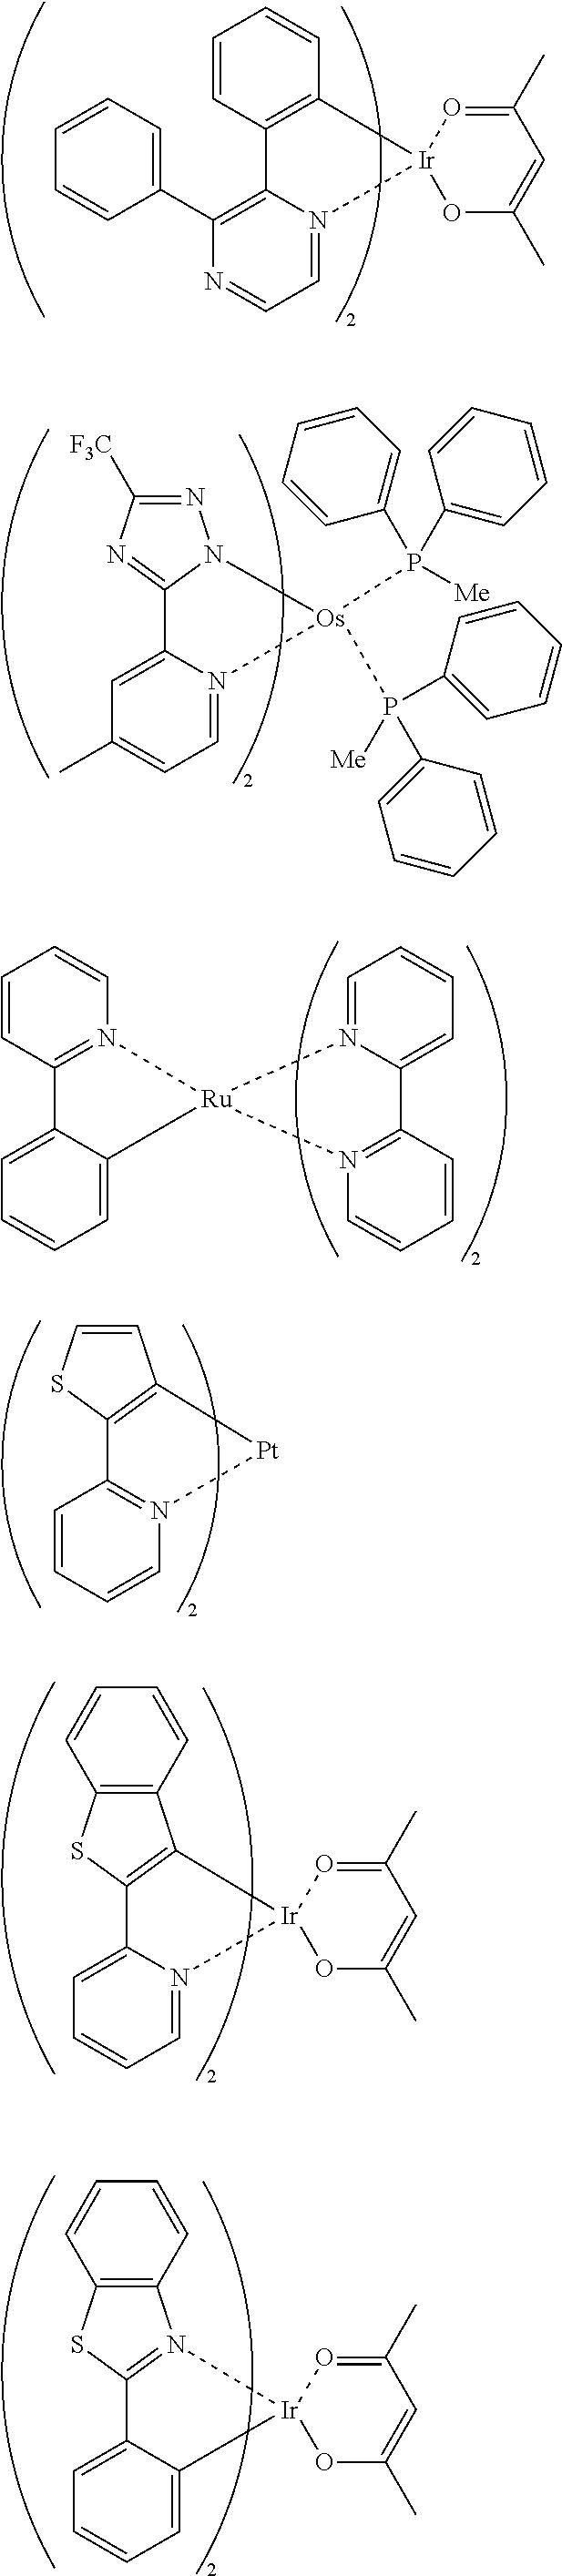 Figure US08779655-20140715-C00012